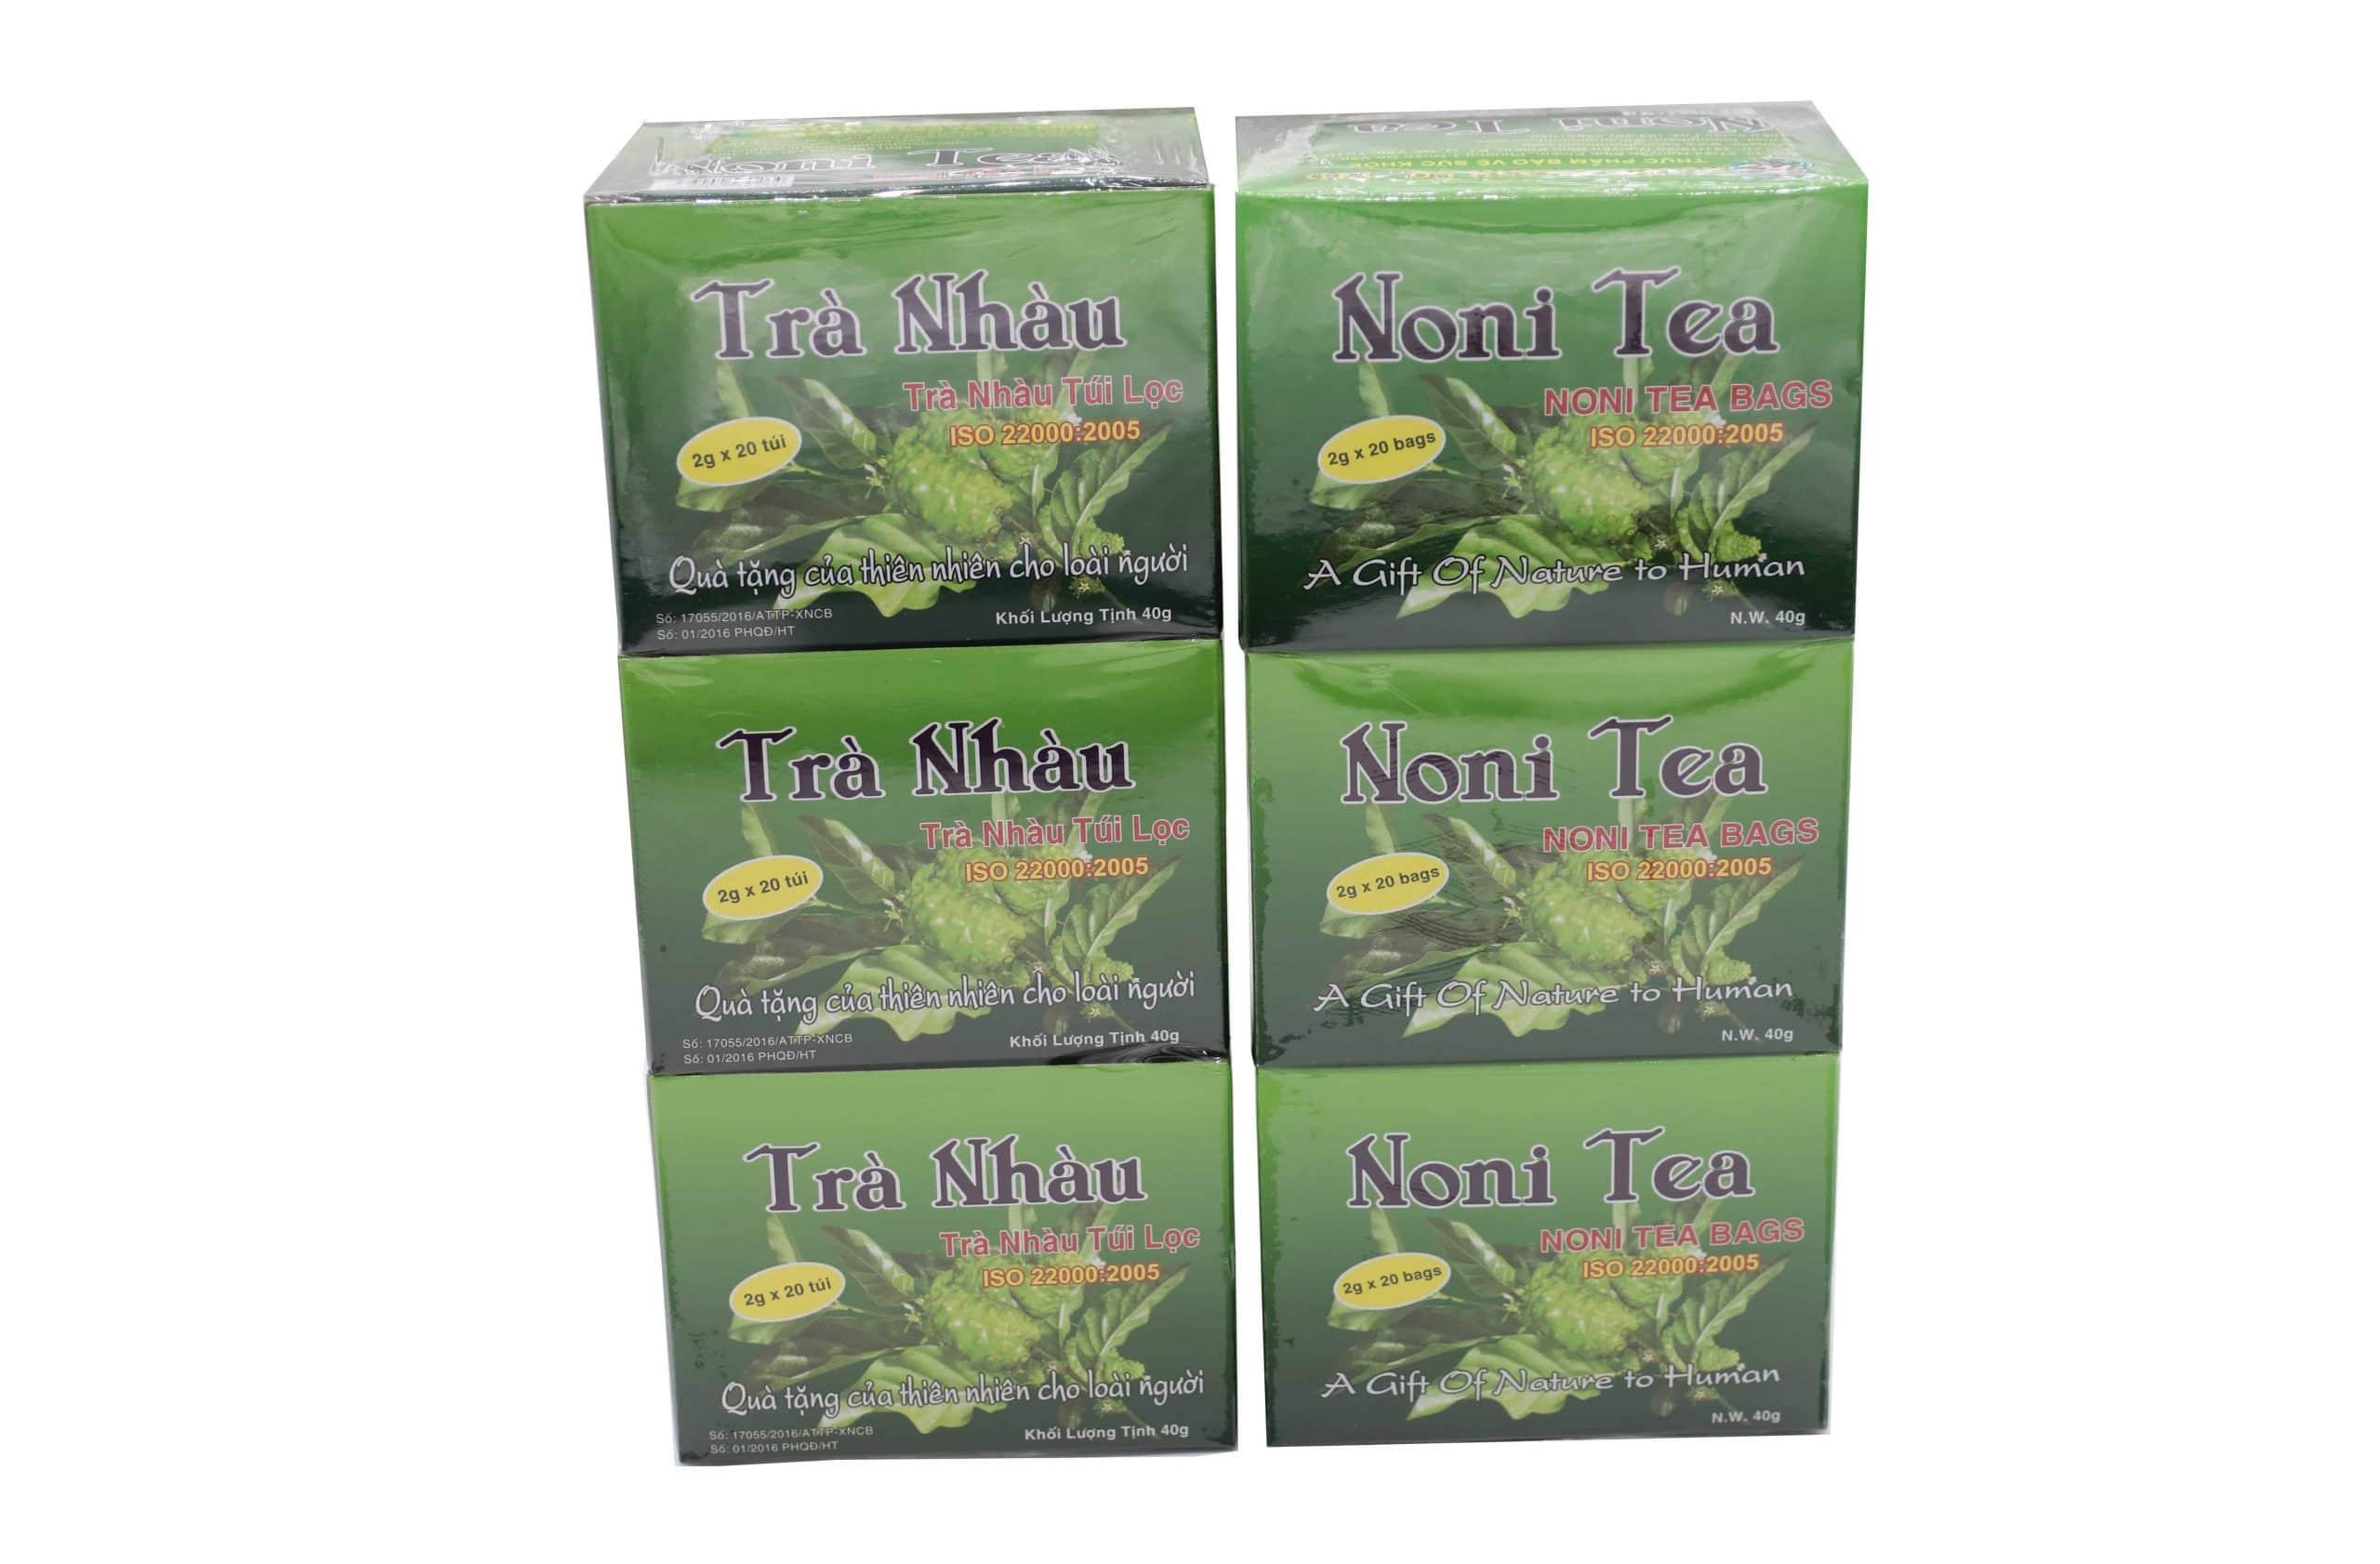 Trà nhàu Noni Tea